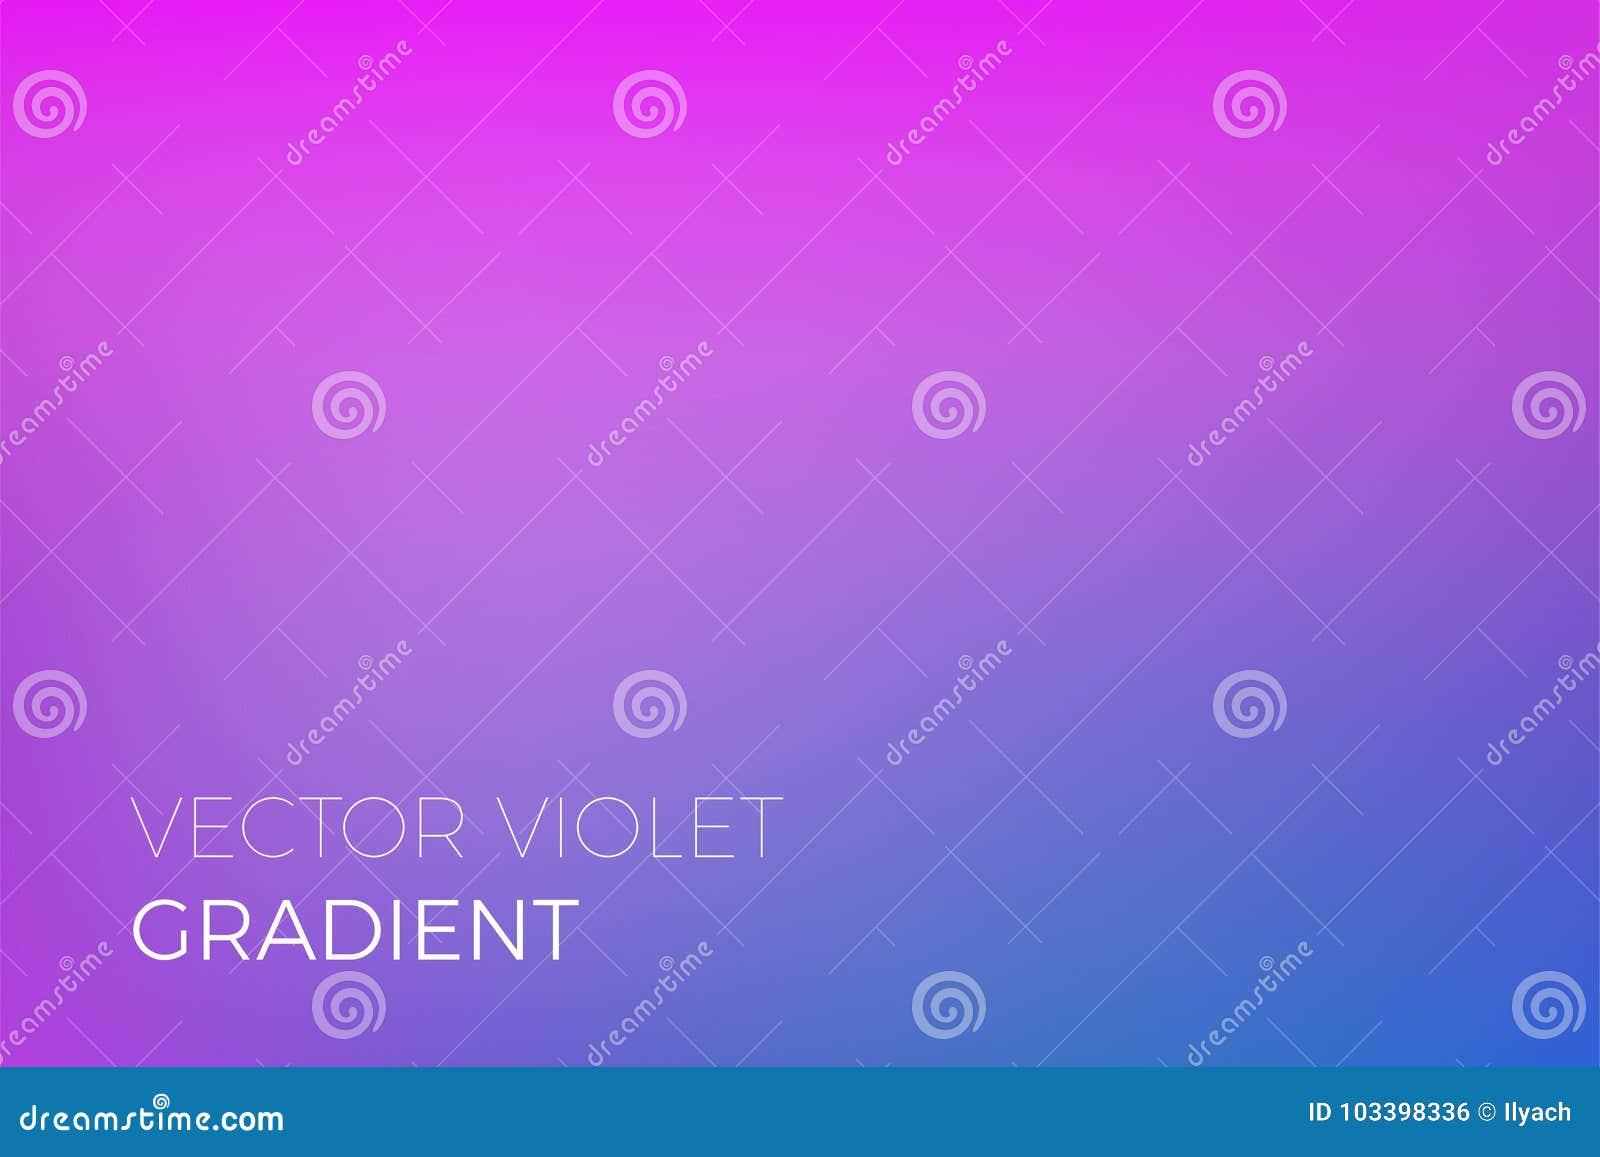 Colora o efeito da luz na moda do vetor da mistura macia abstrata azul roxa do fundo do inclinação